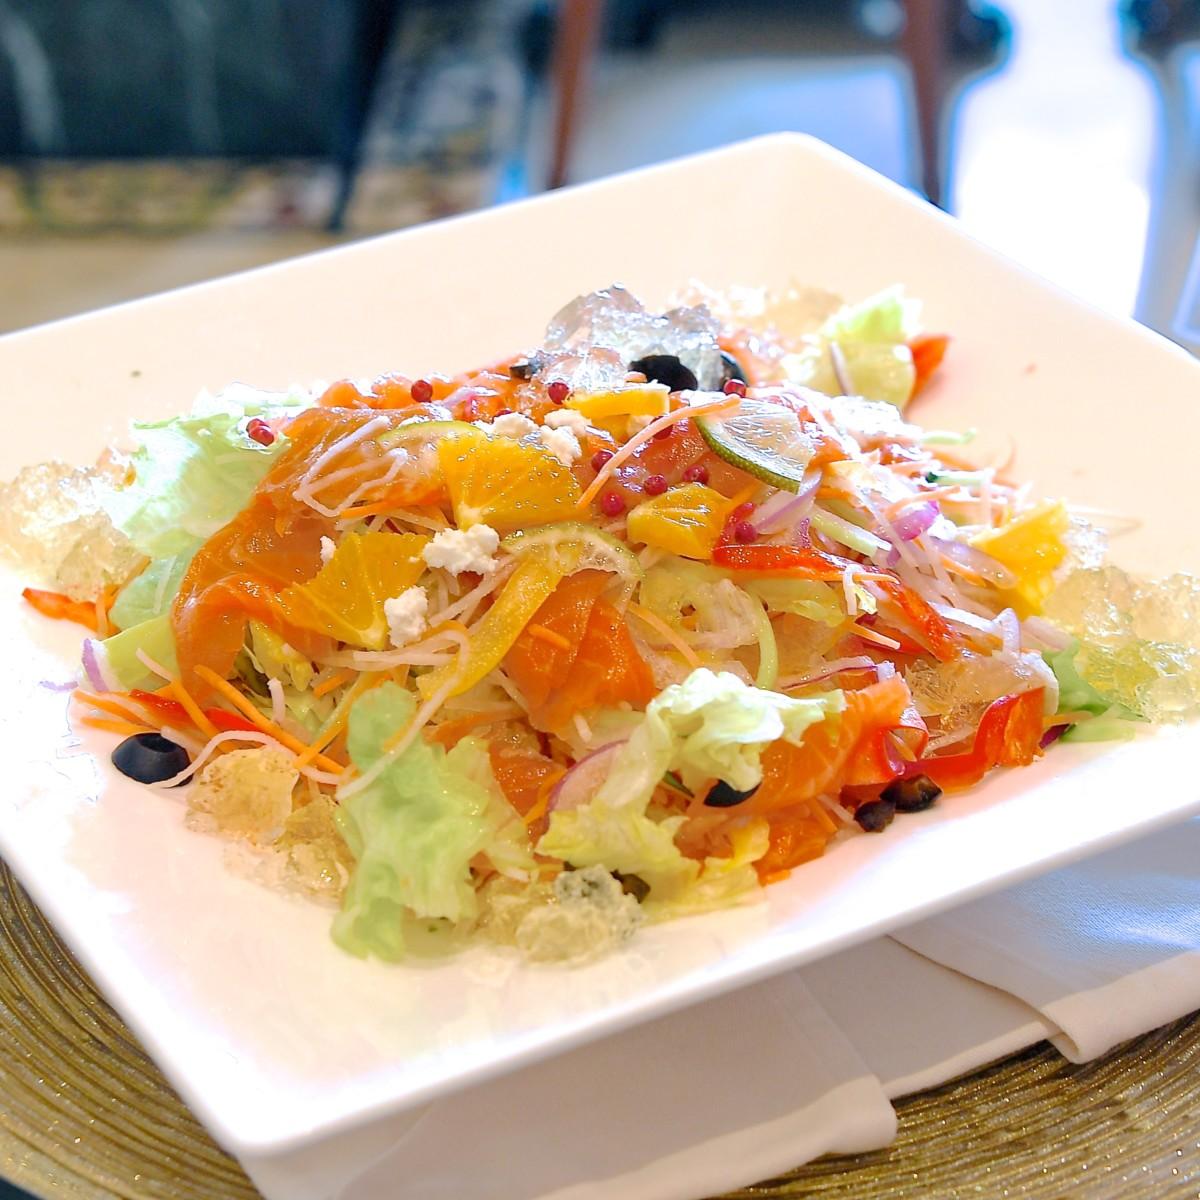 スモークサーモンのシトラスサラダ